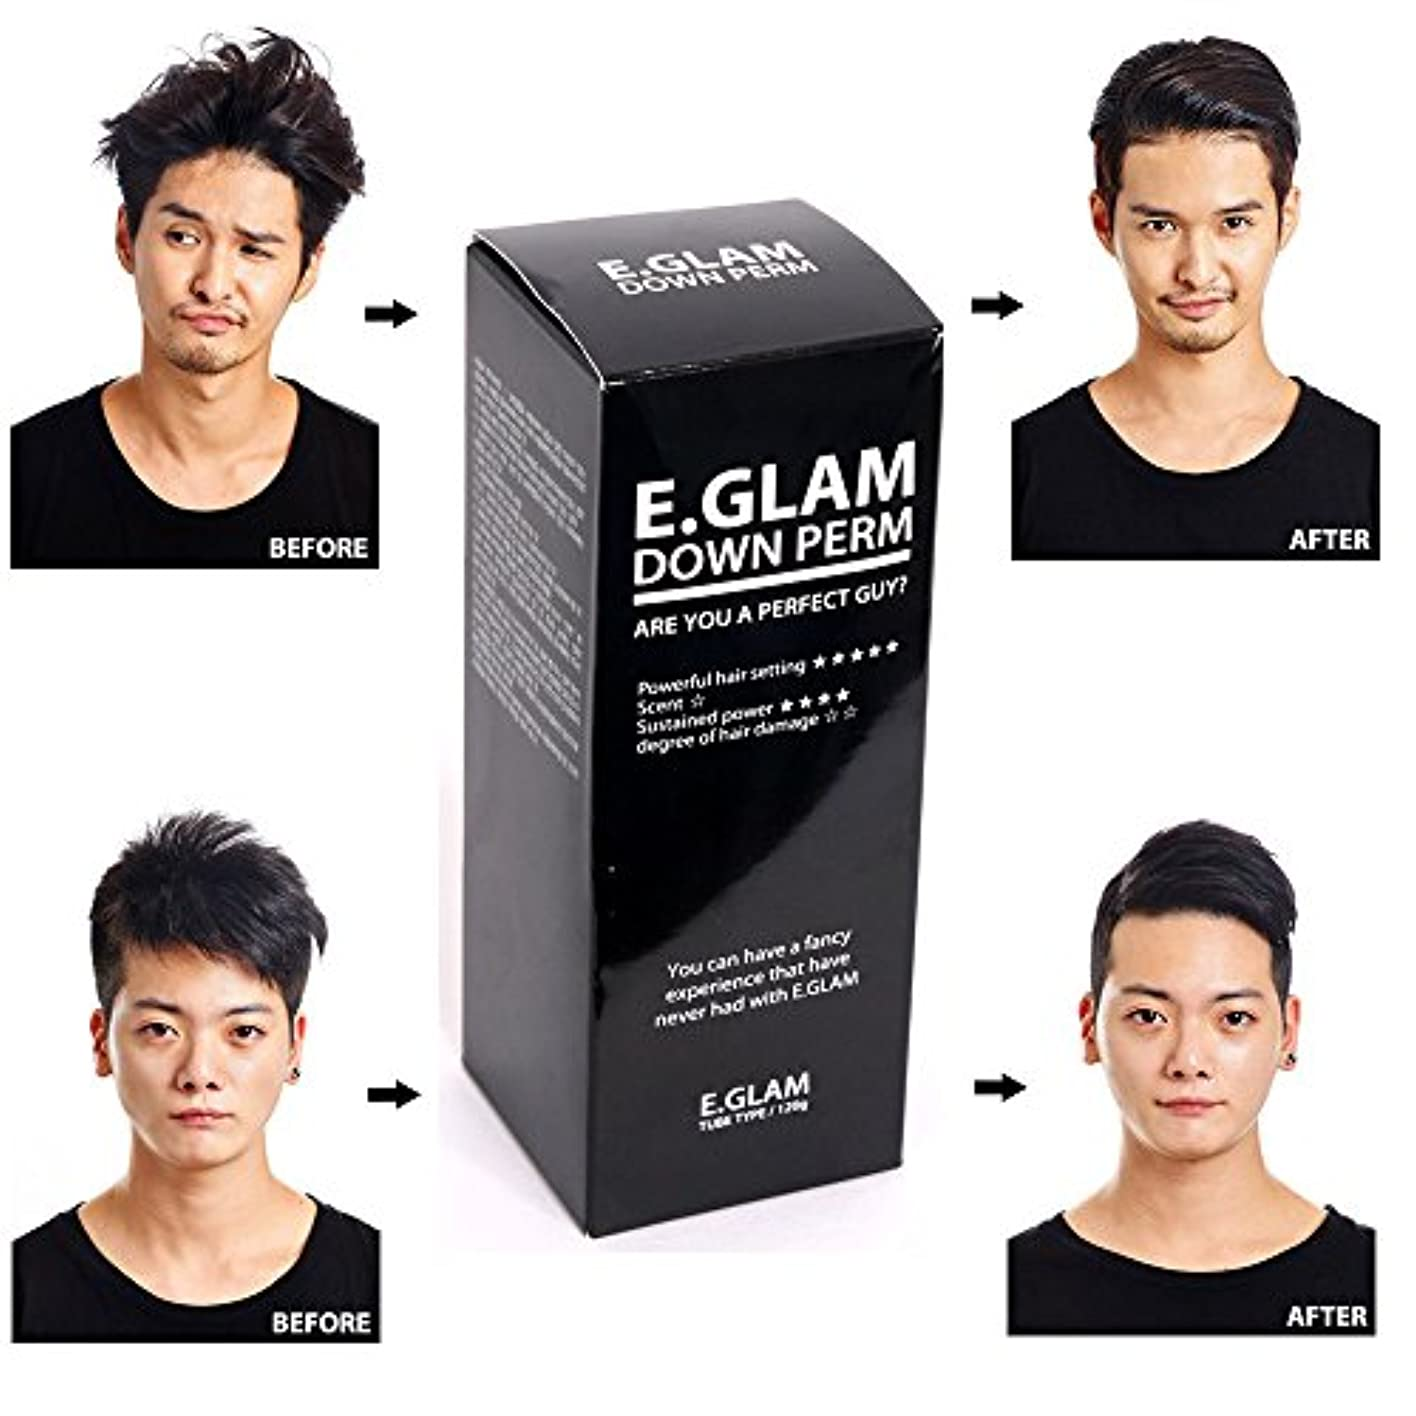 唯一うま結び目by E.Glam E.glam Down Perm for Men Speedy Easy Magic Straight Perm Home Kit 120ml [並行輸入品]